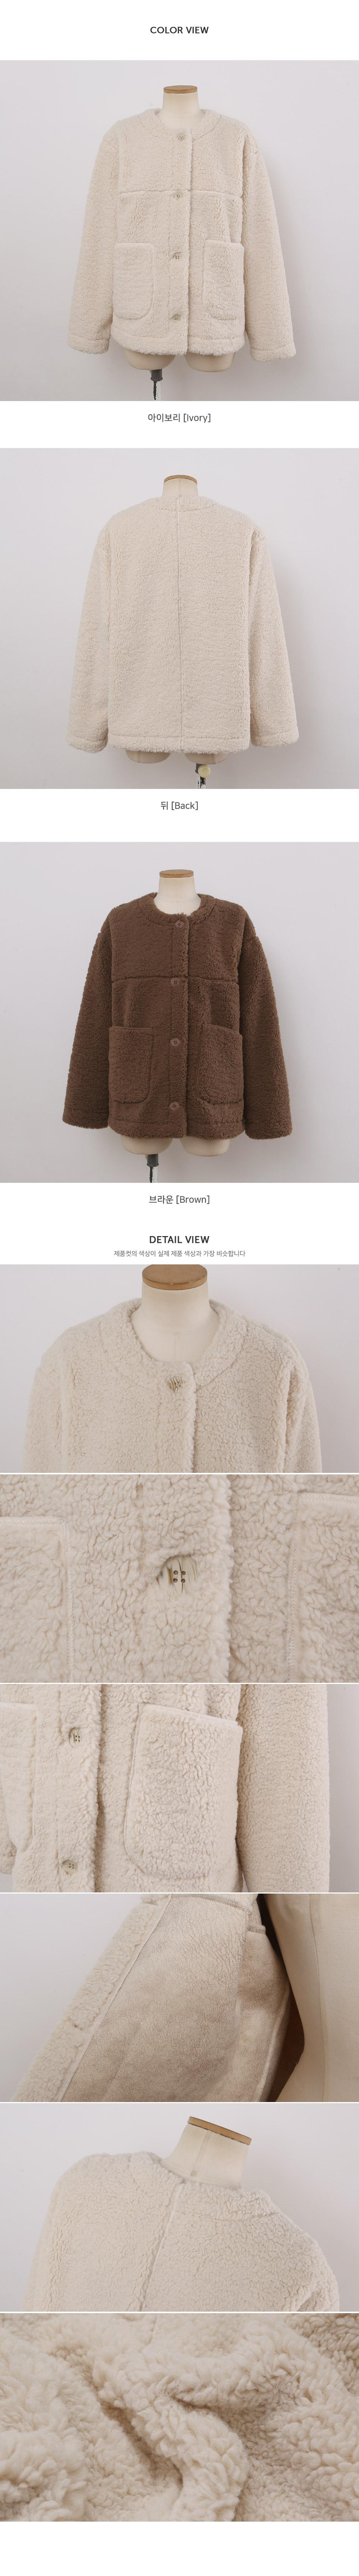 泰迪毛紐扣夾克外套